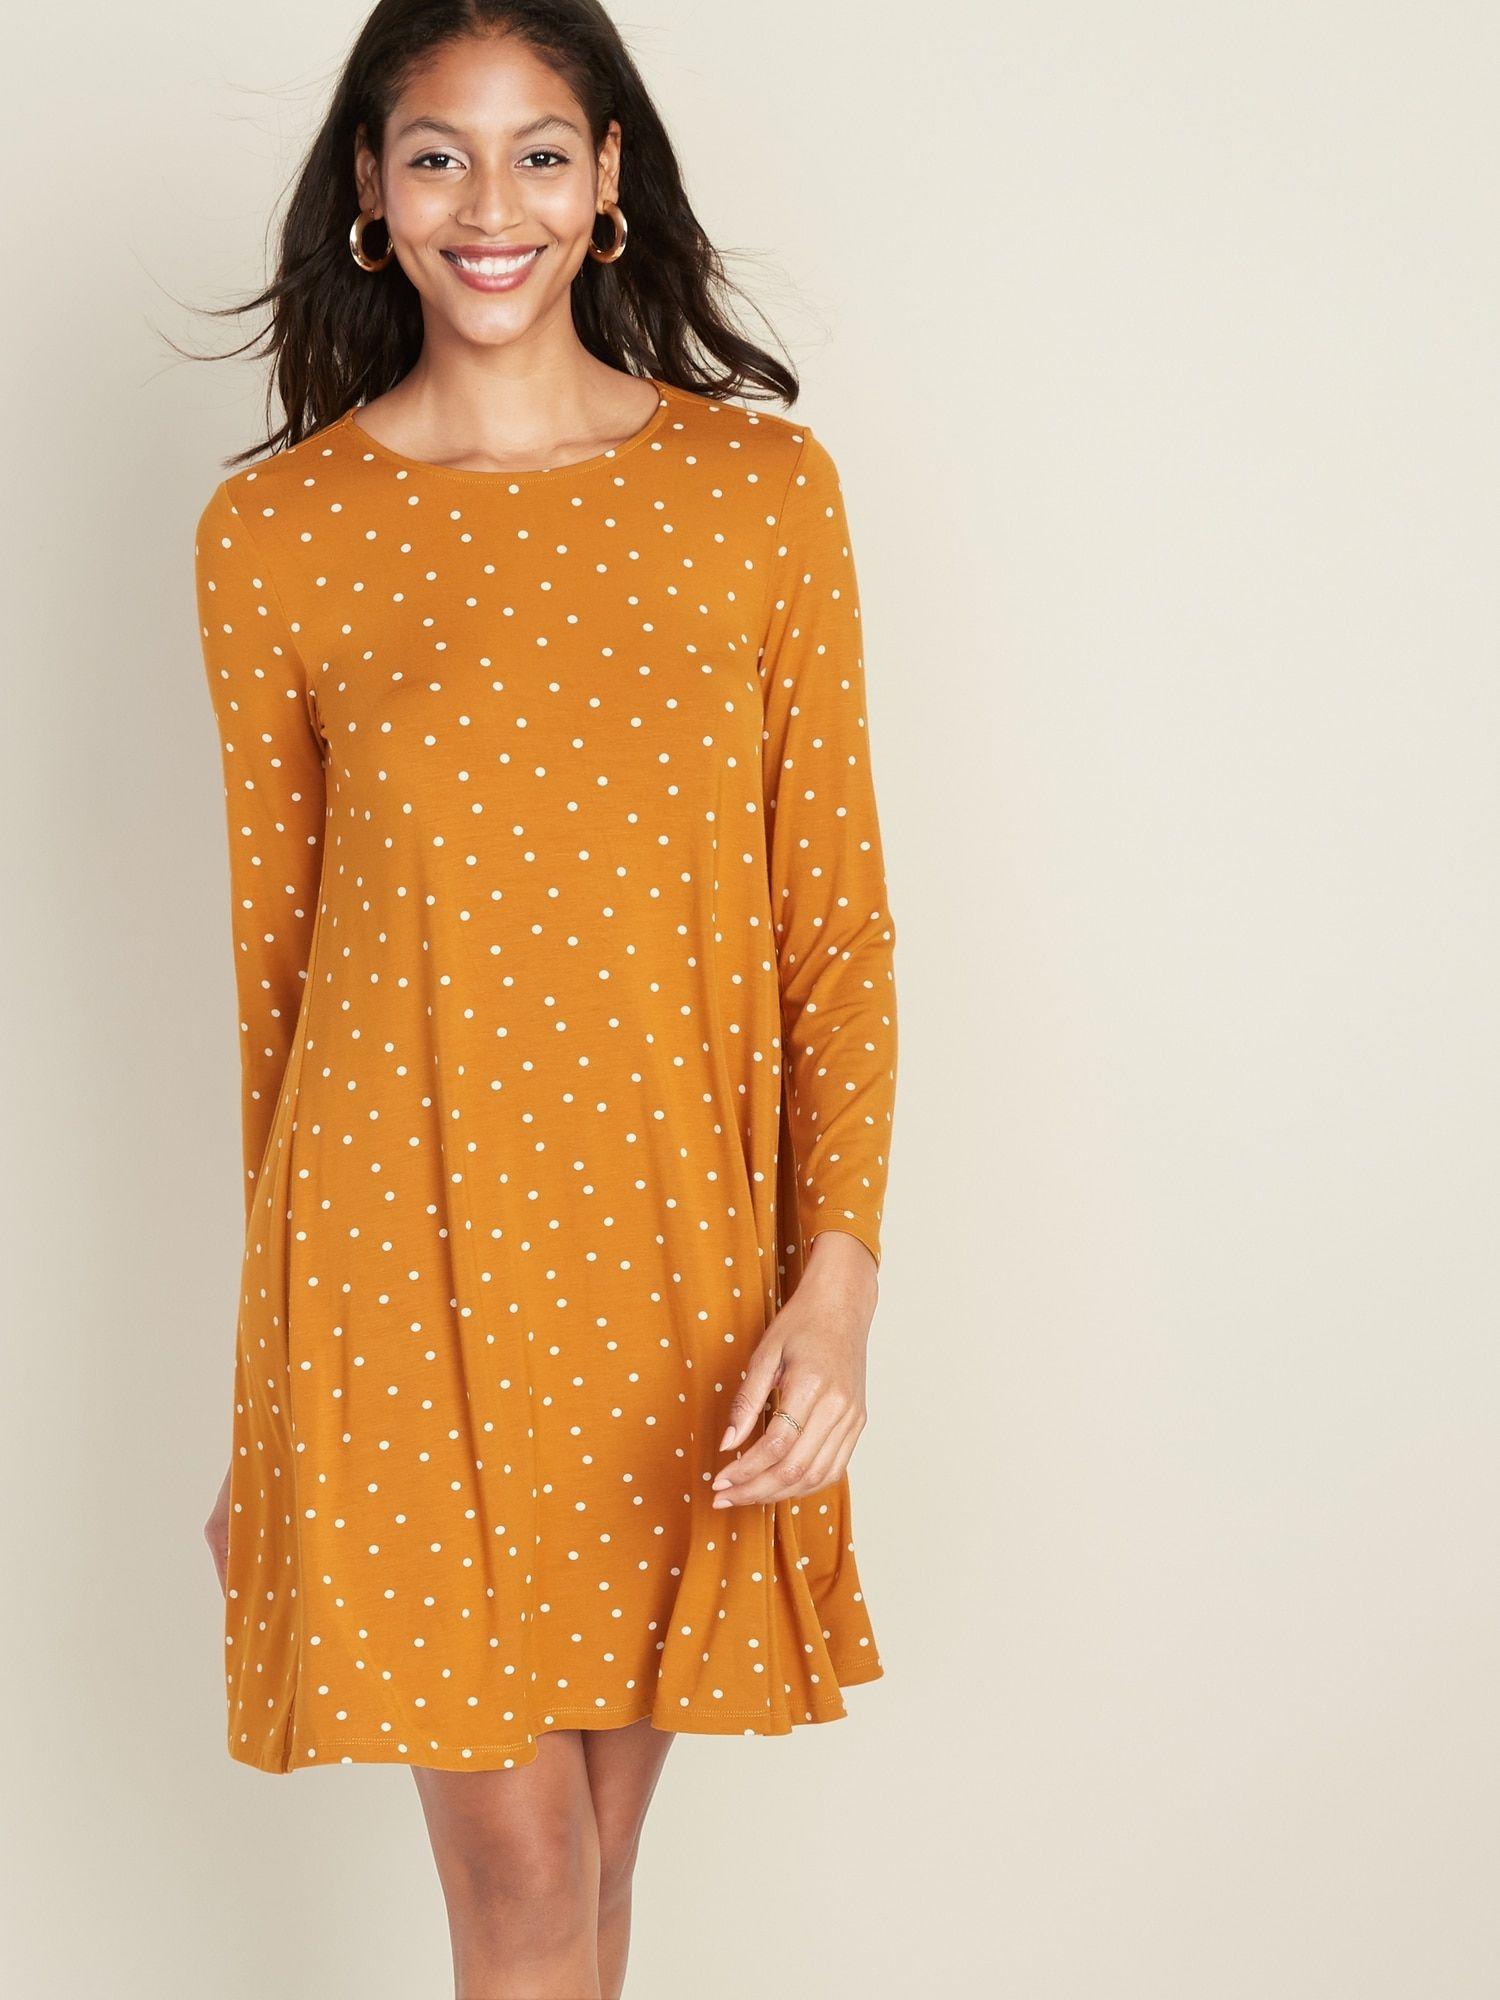 Longsleeve jerseyknit swing dress for women knit swing